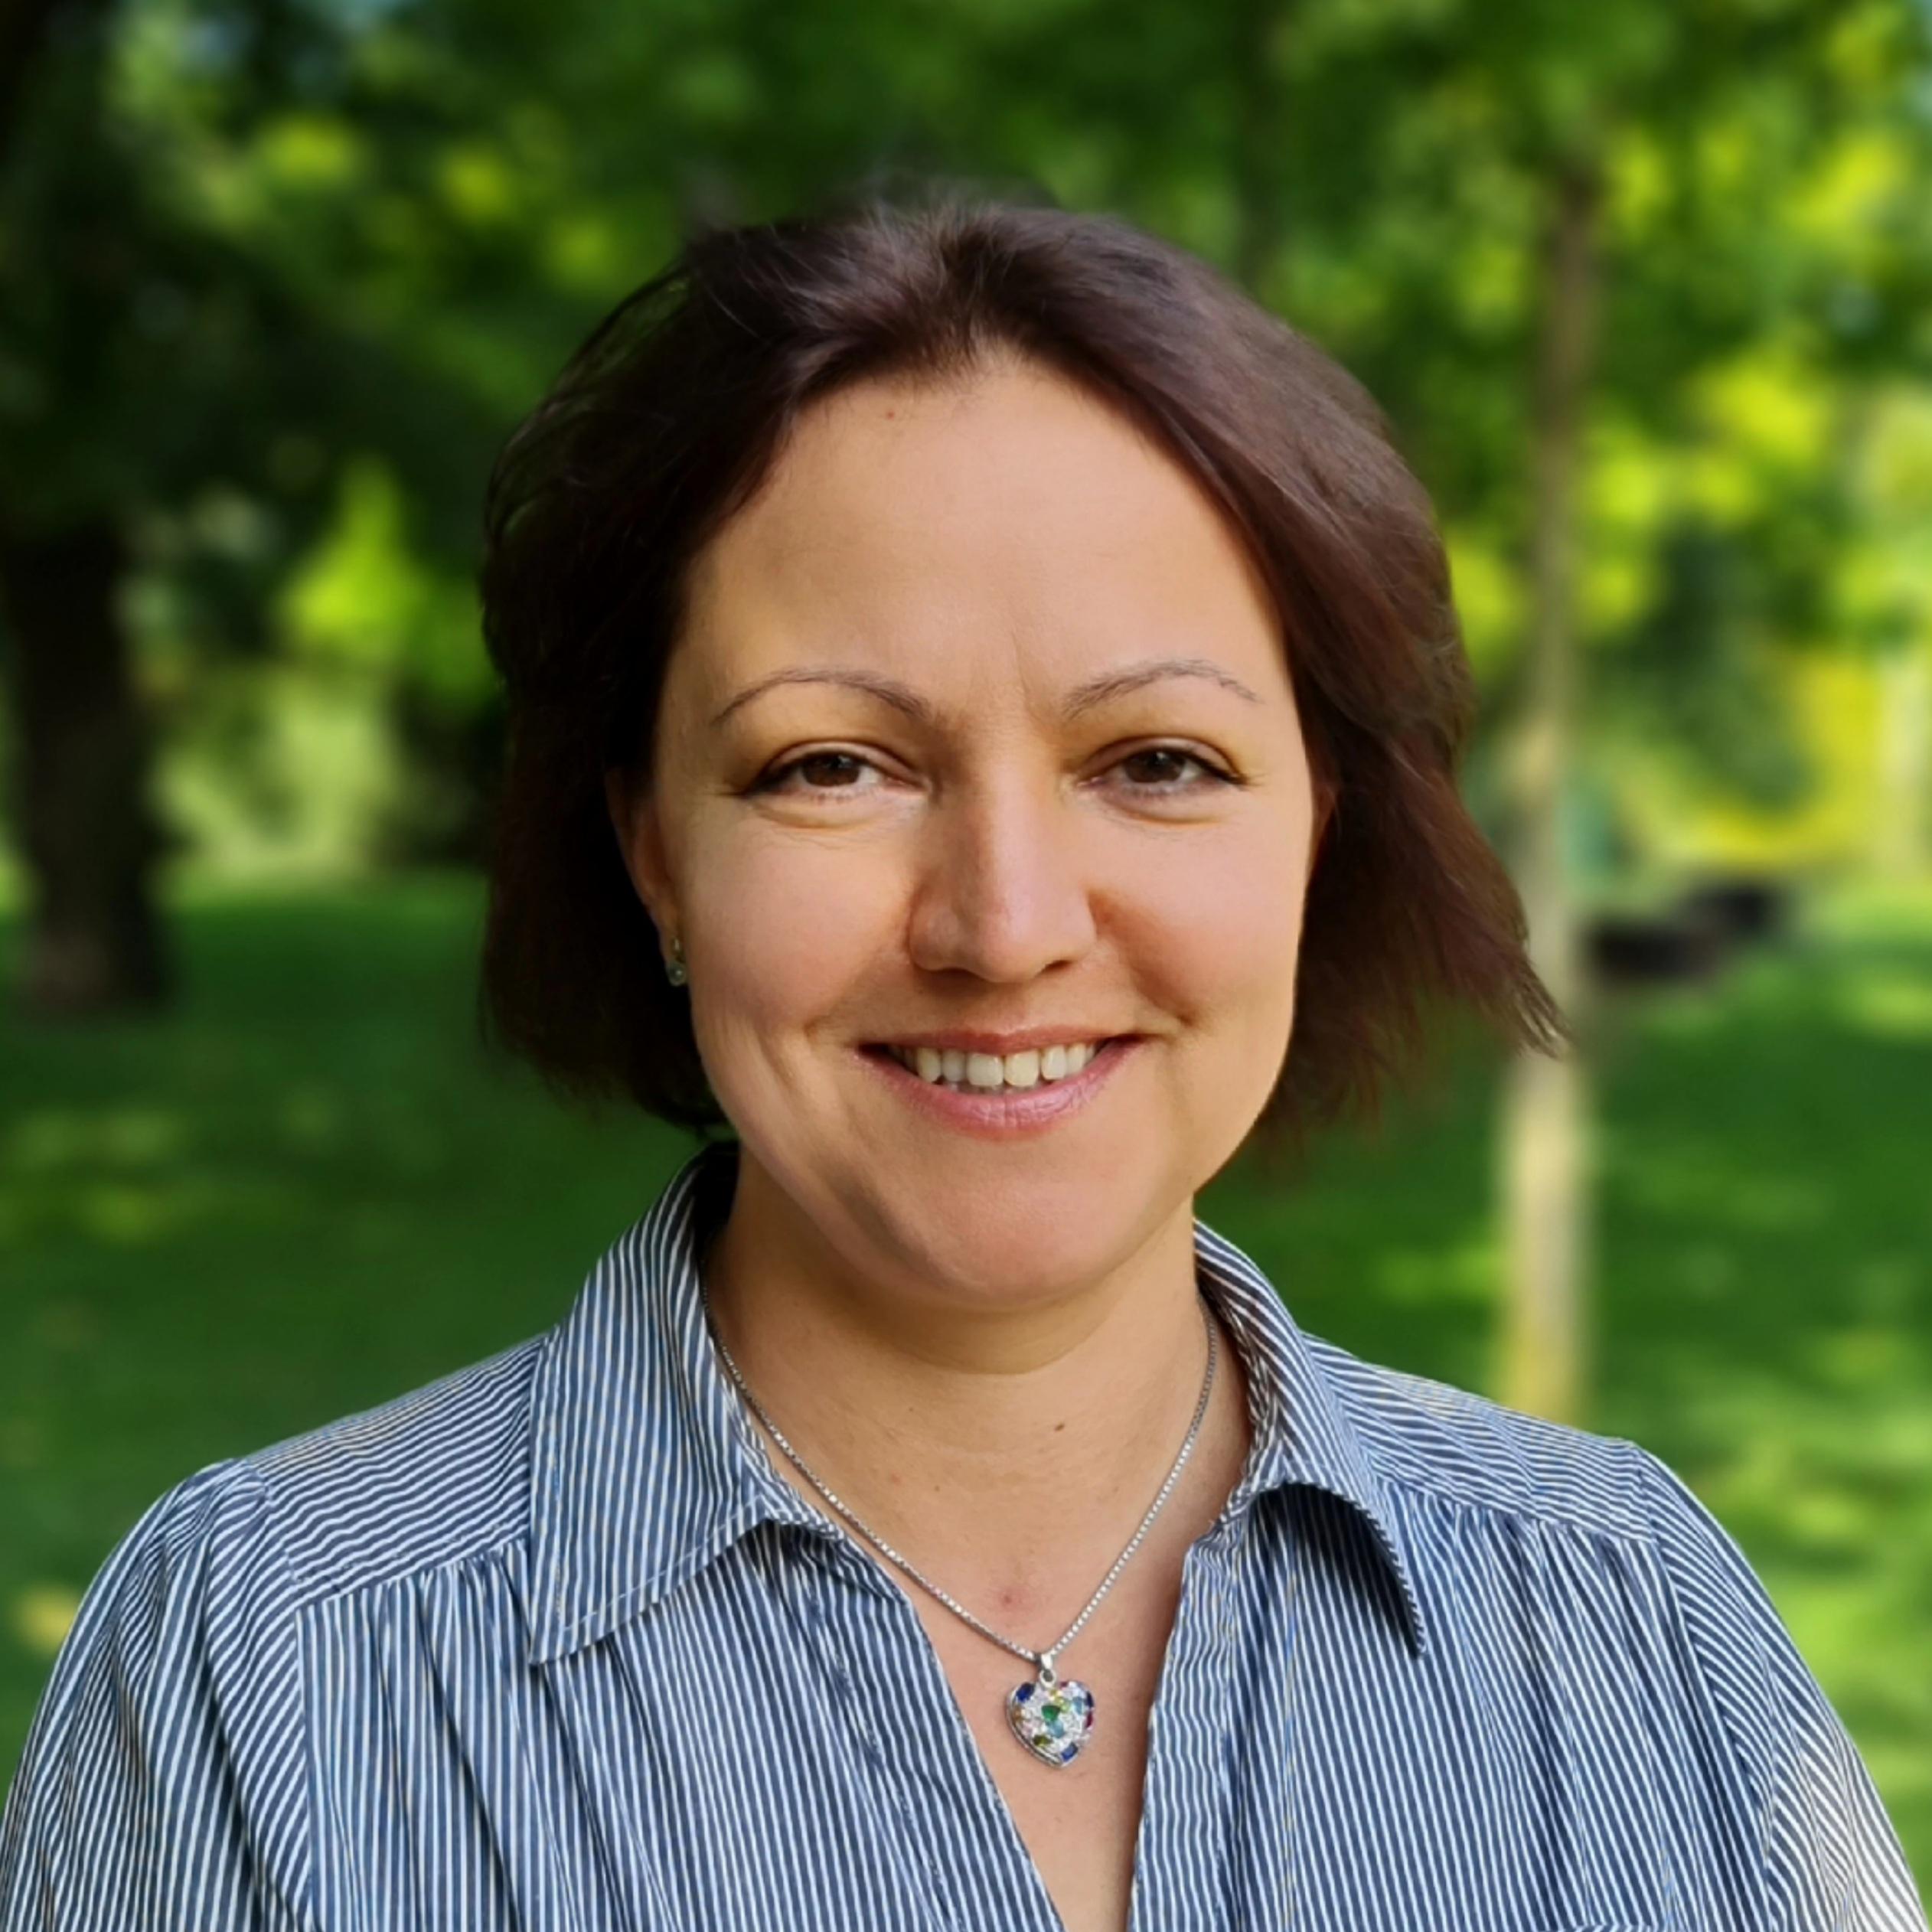 Szovátiné Balogh Orsolya fotója